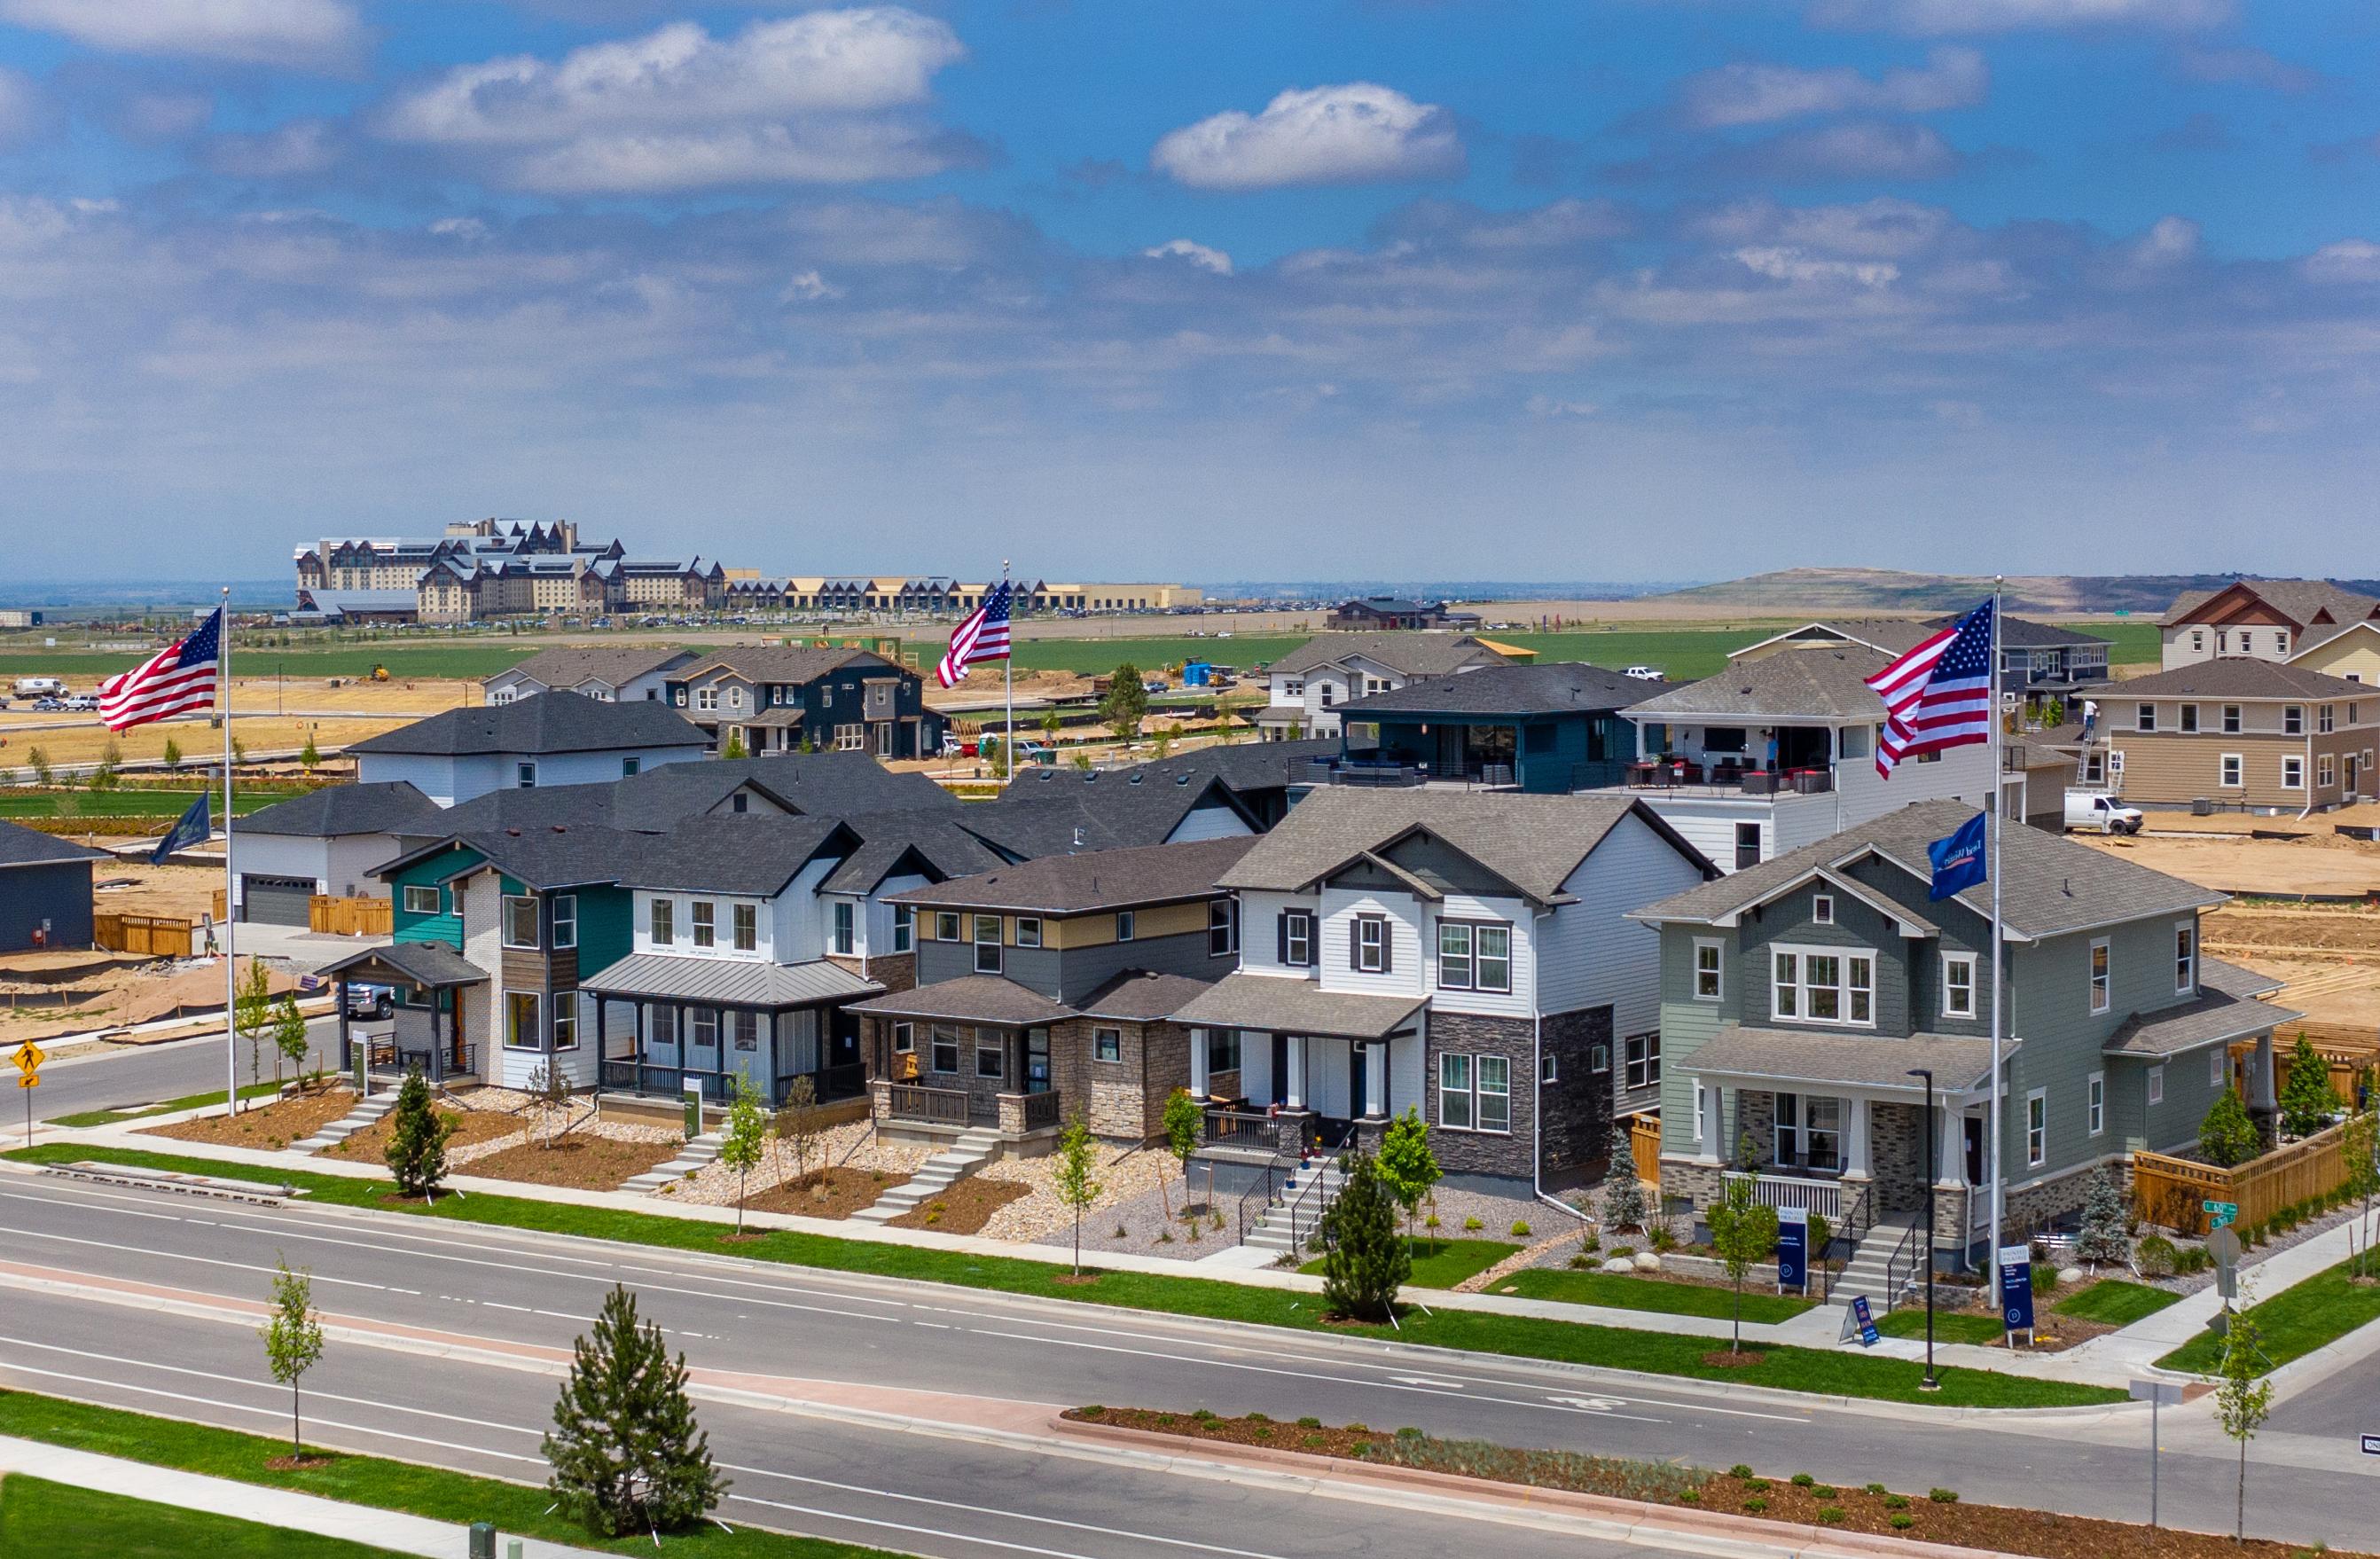 Painted Prairie Model Homes